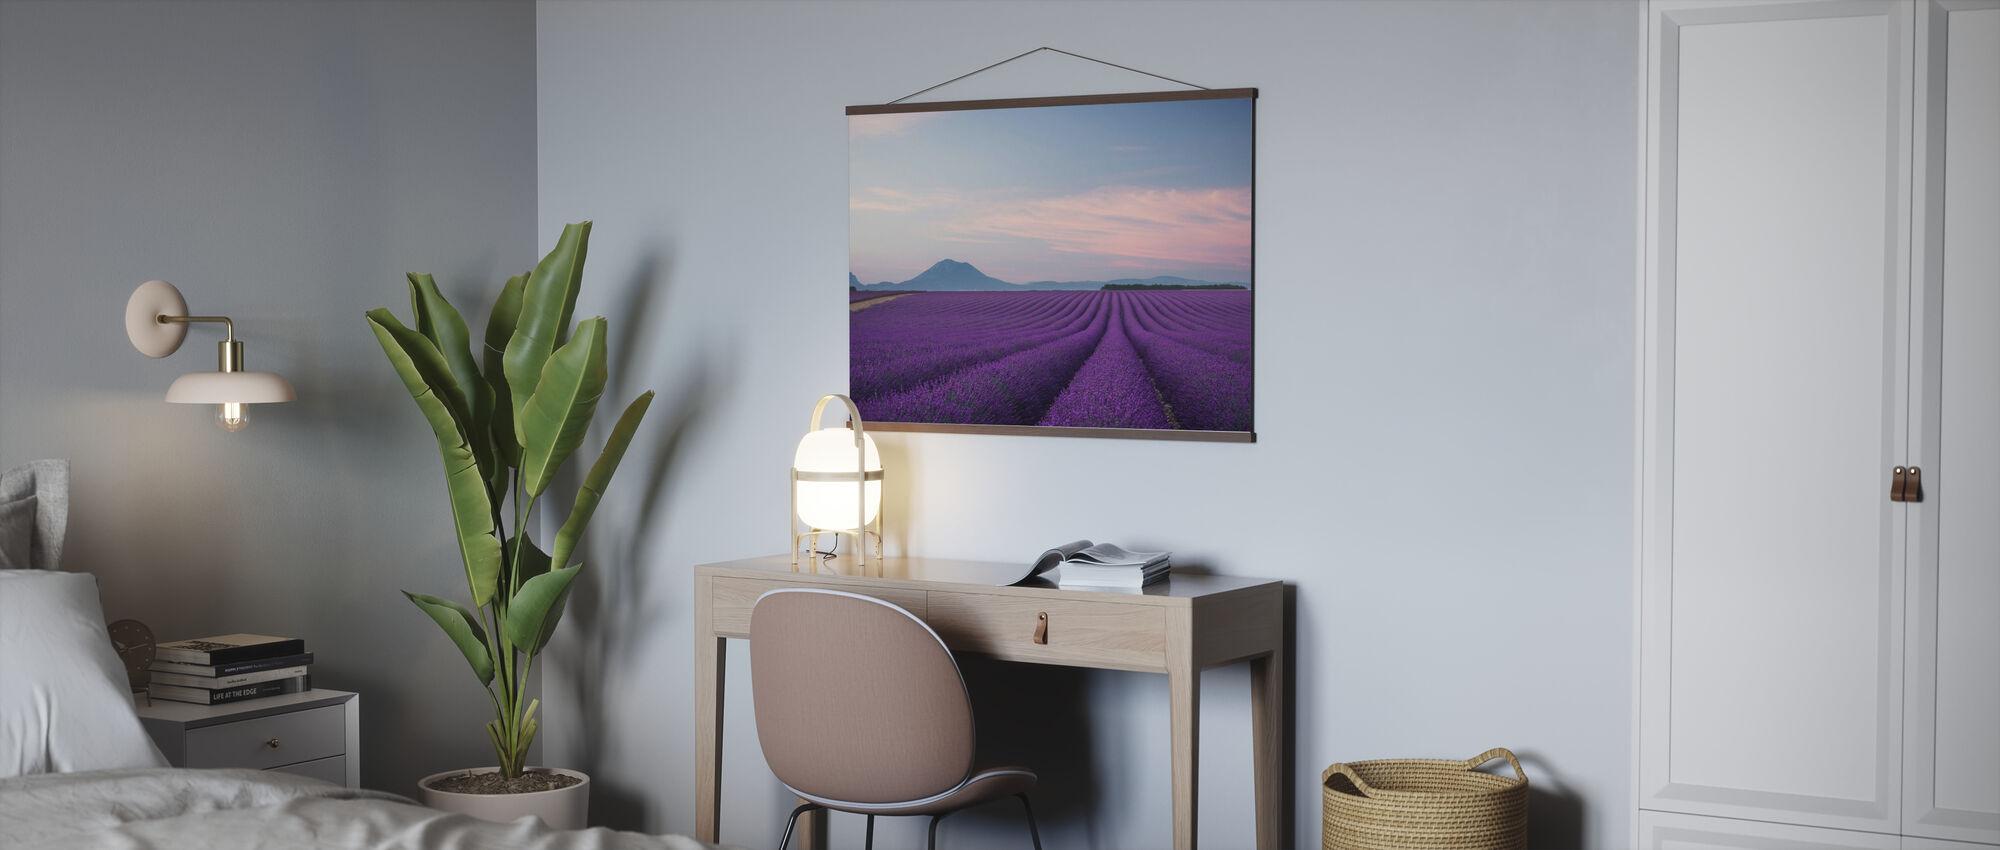 Lavendel felt - Plakat - Kontor